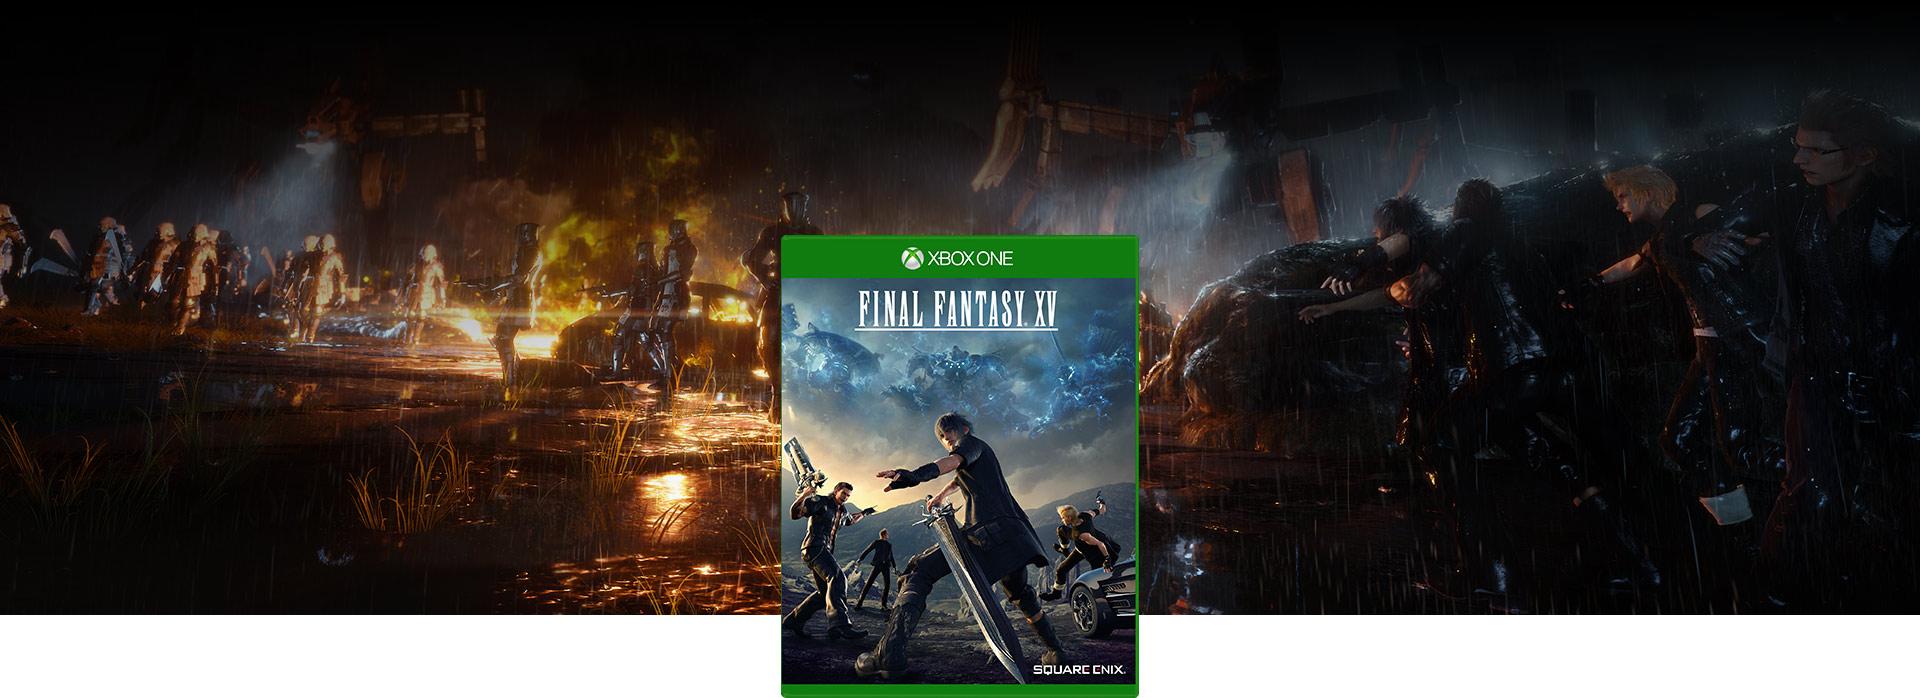 Final FantasyXV